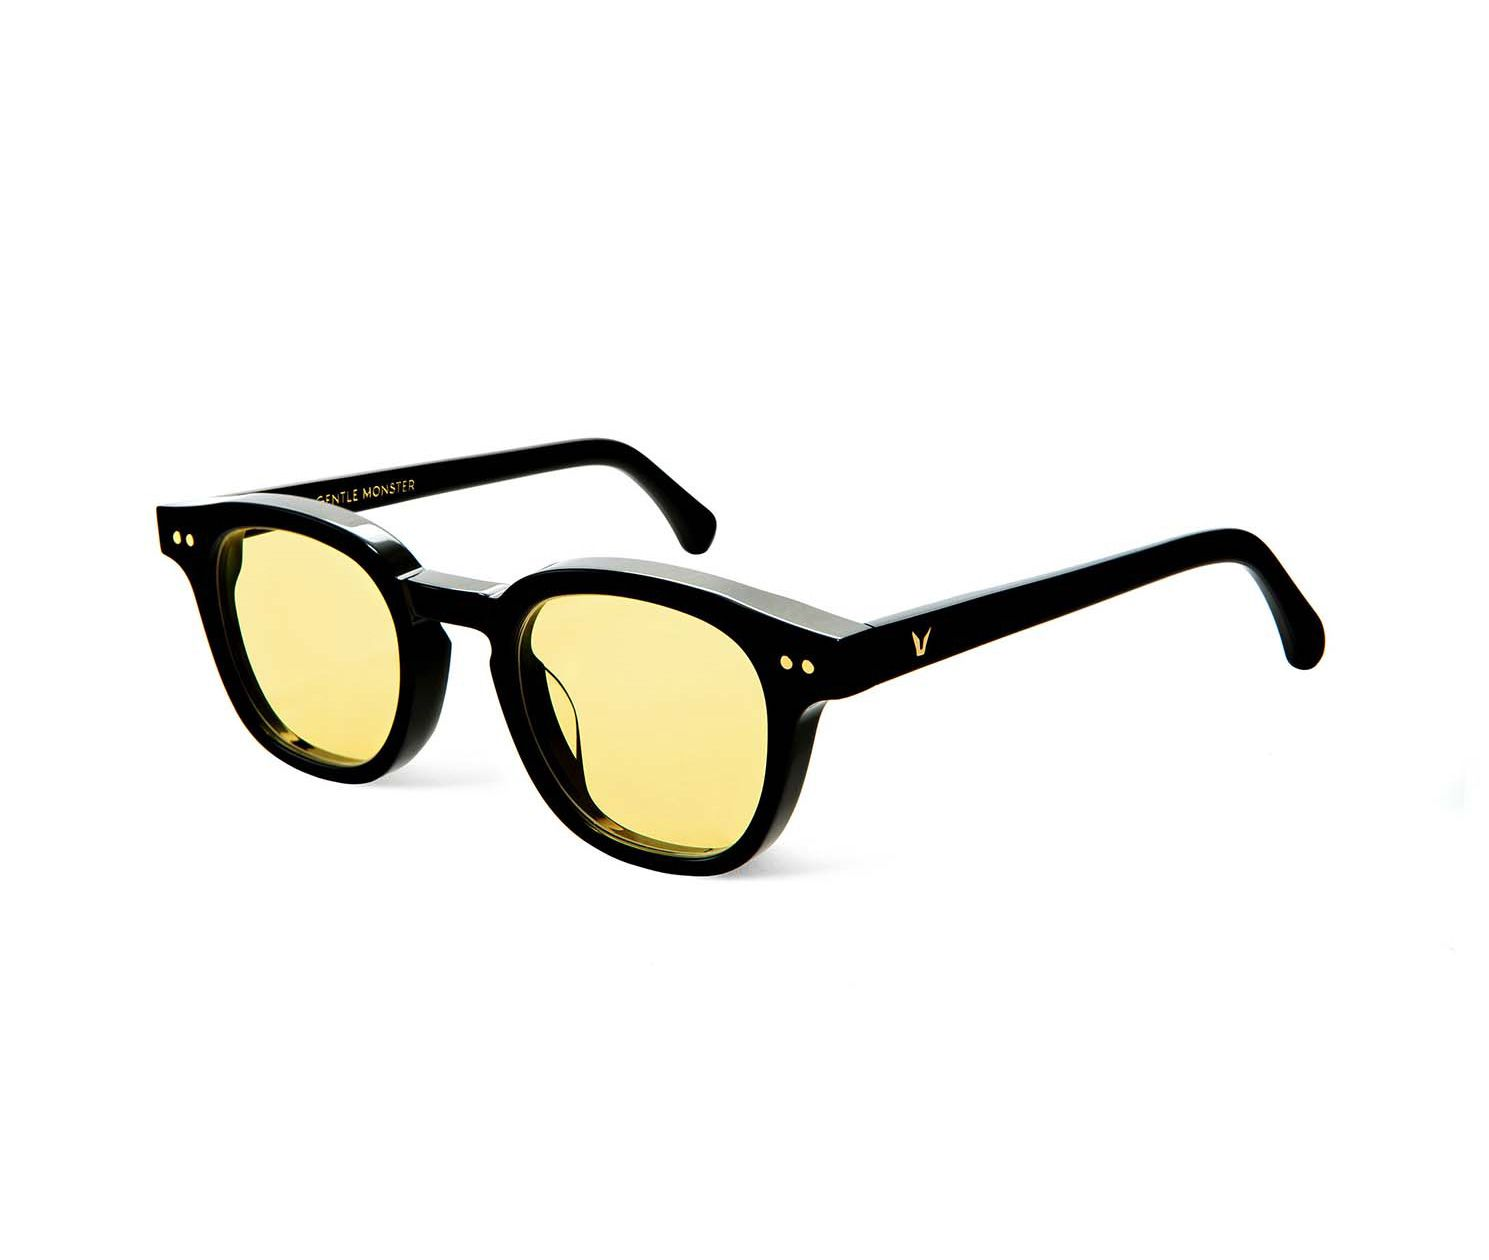 Gentle Monster Bowie 01 Yellow Gentle Monster Sunglasses